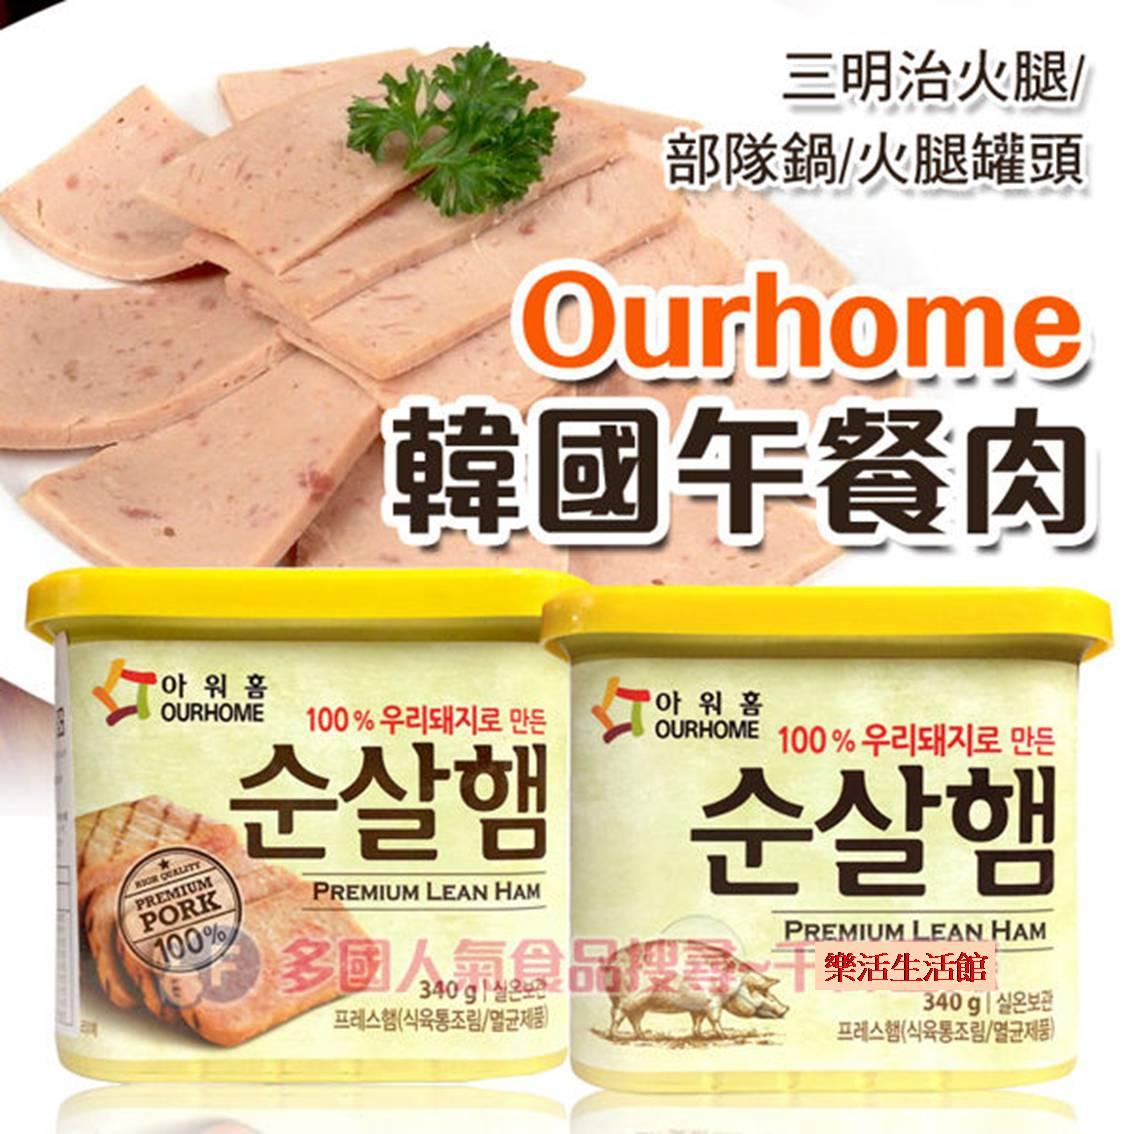 下殺↘$125  韓國 Ourhome午餐肉 /三明治火腿 / 部隊鍋料理 火腿罐頭【樂活生活館】